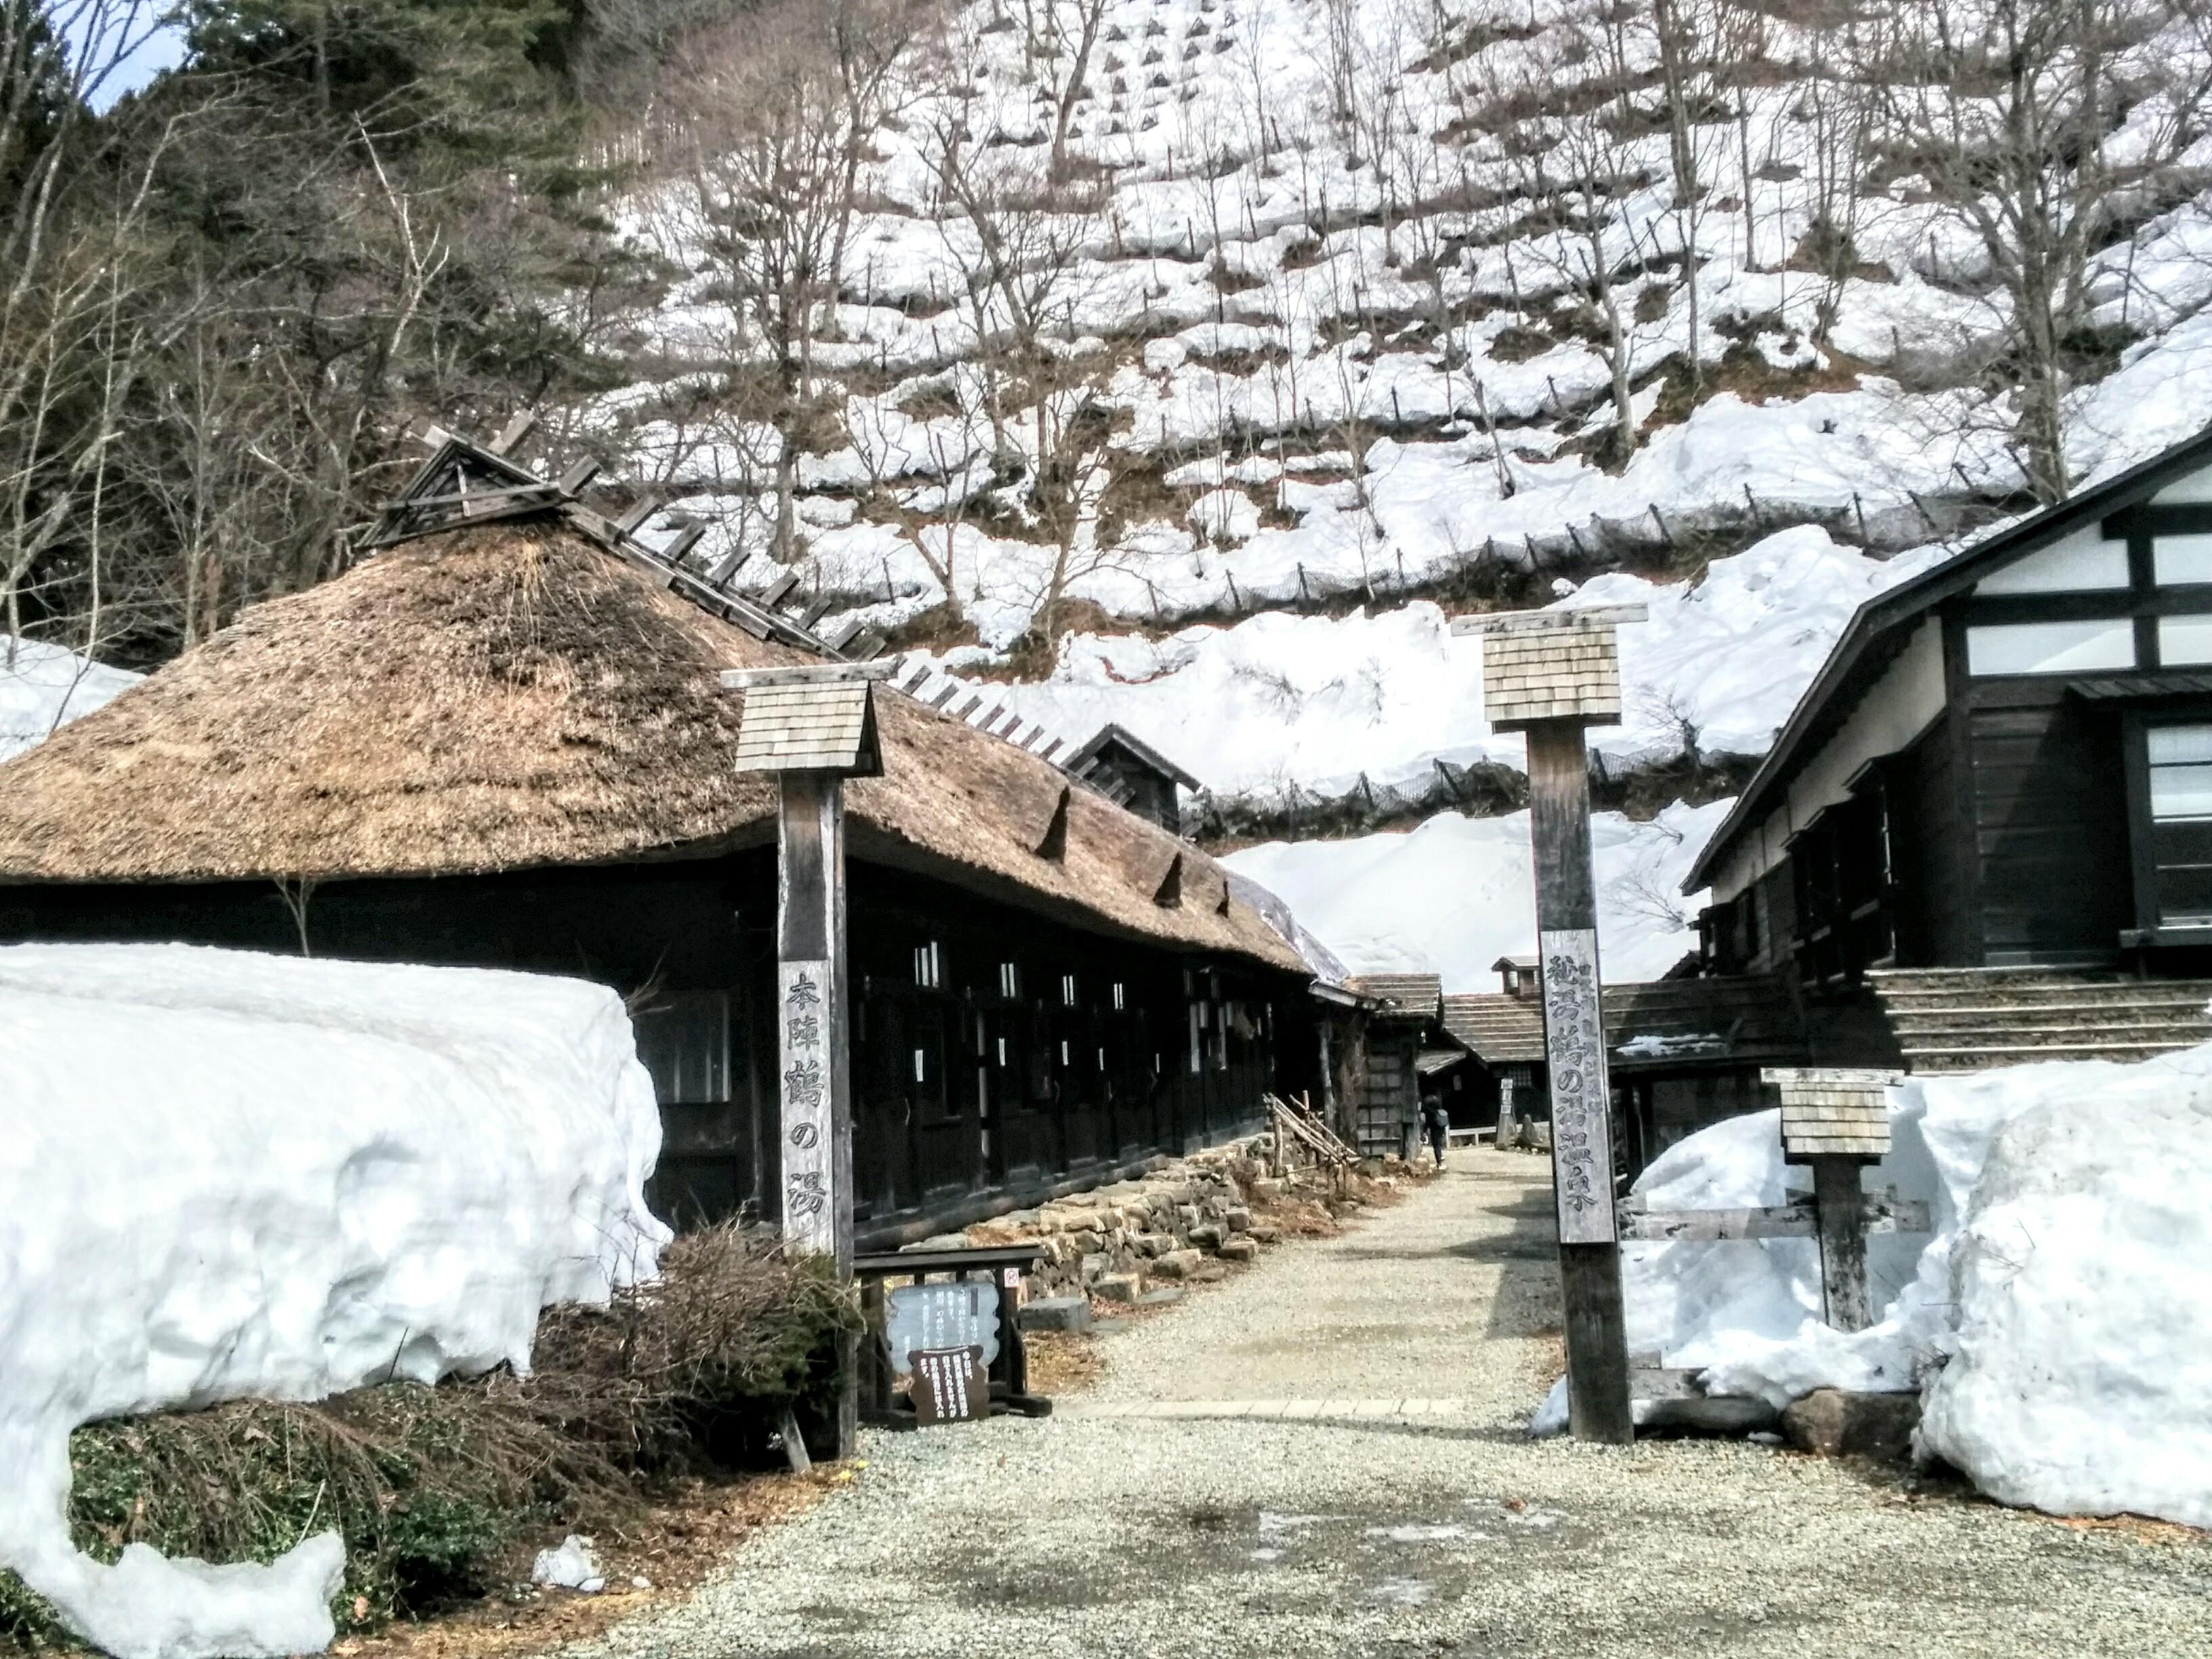 【秋田県】乳頭温泉郷・鶴の湯温泉観光案内です。